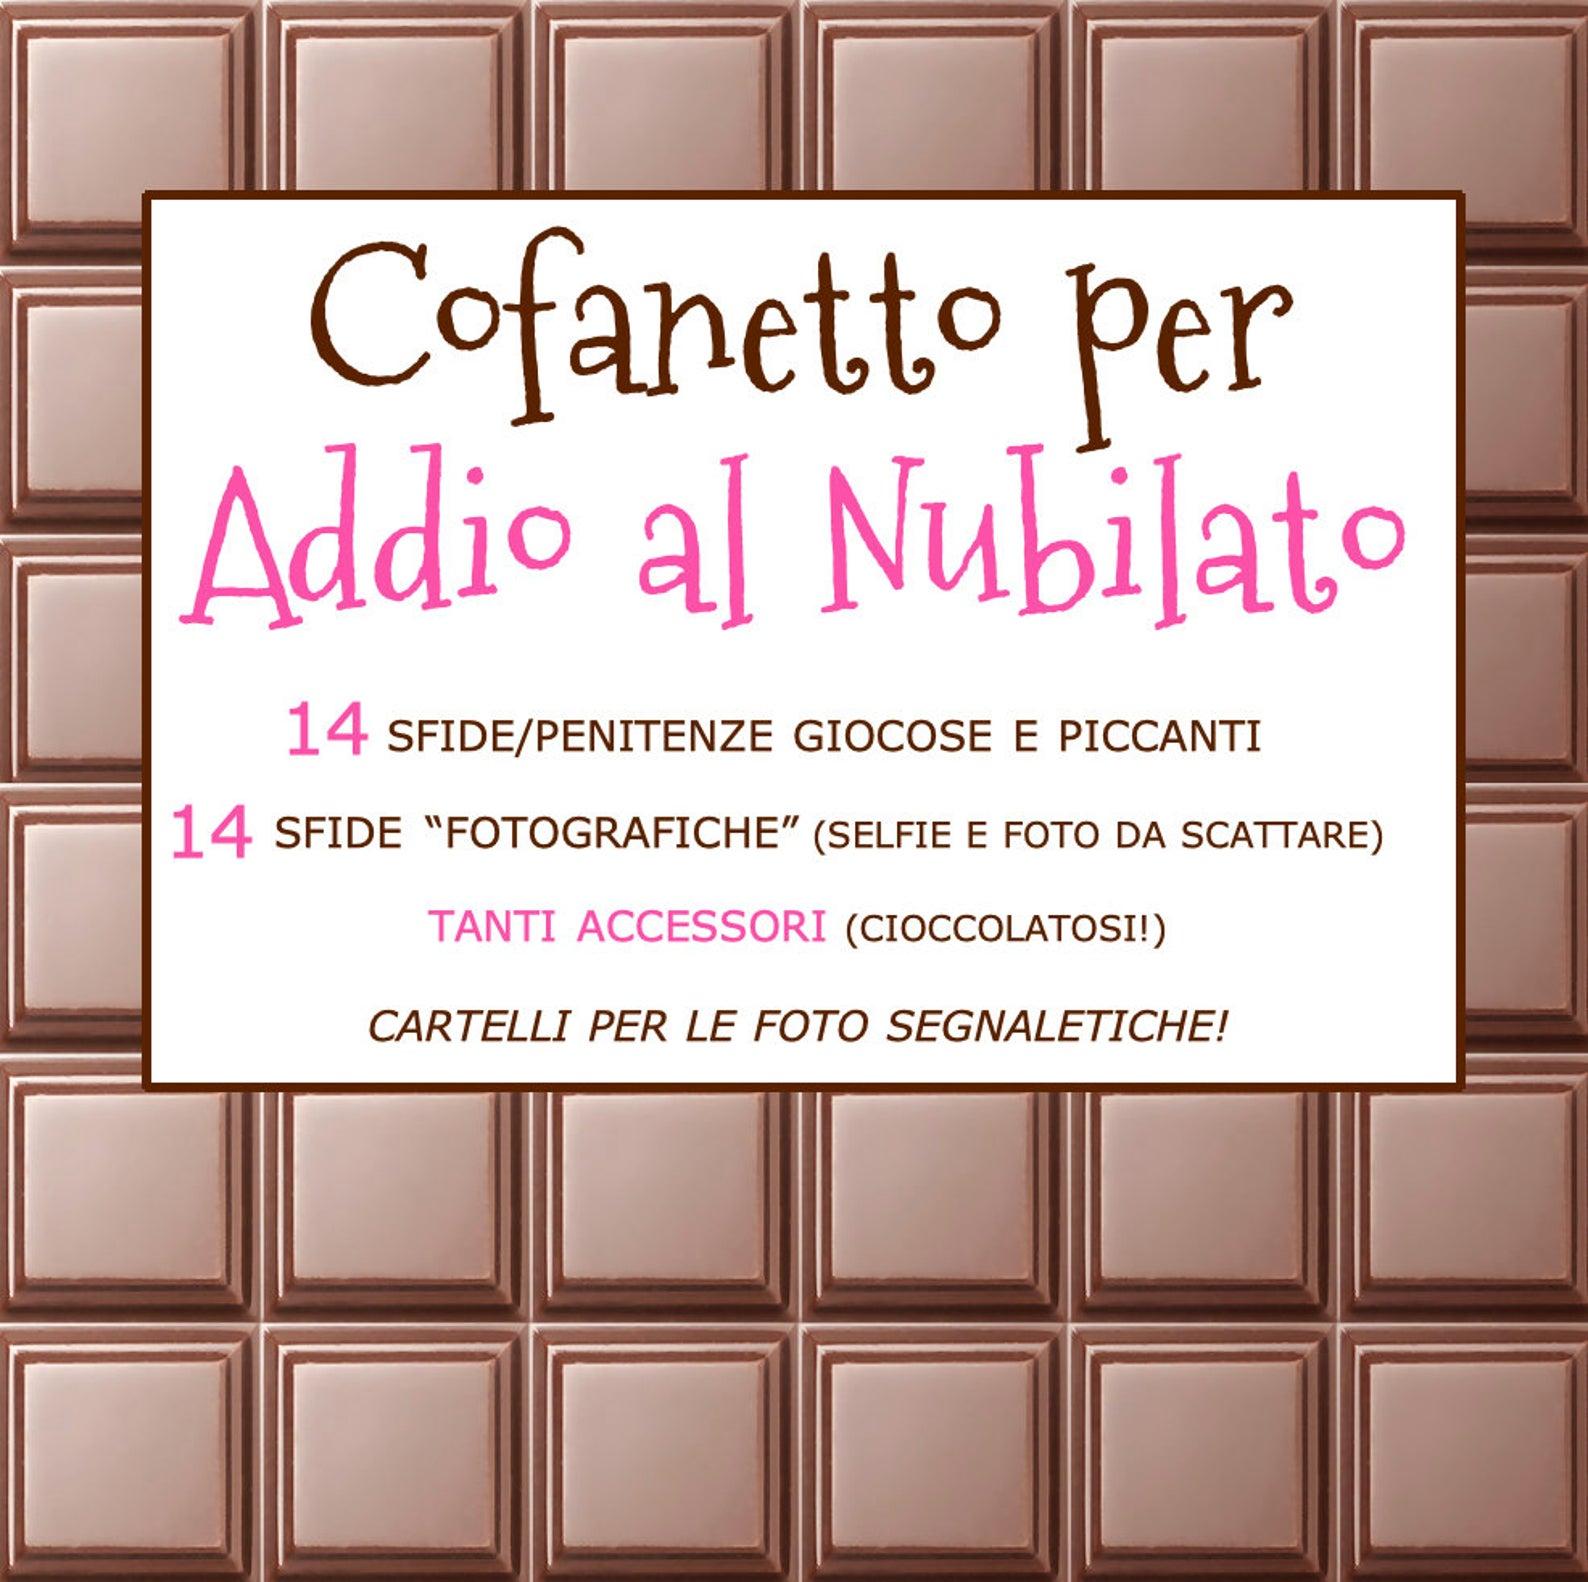 Addio al nubilato cioccolata